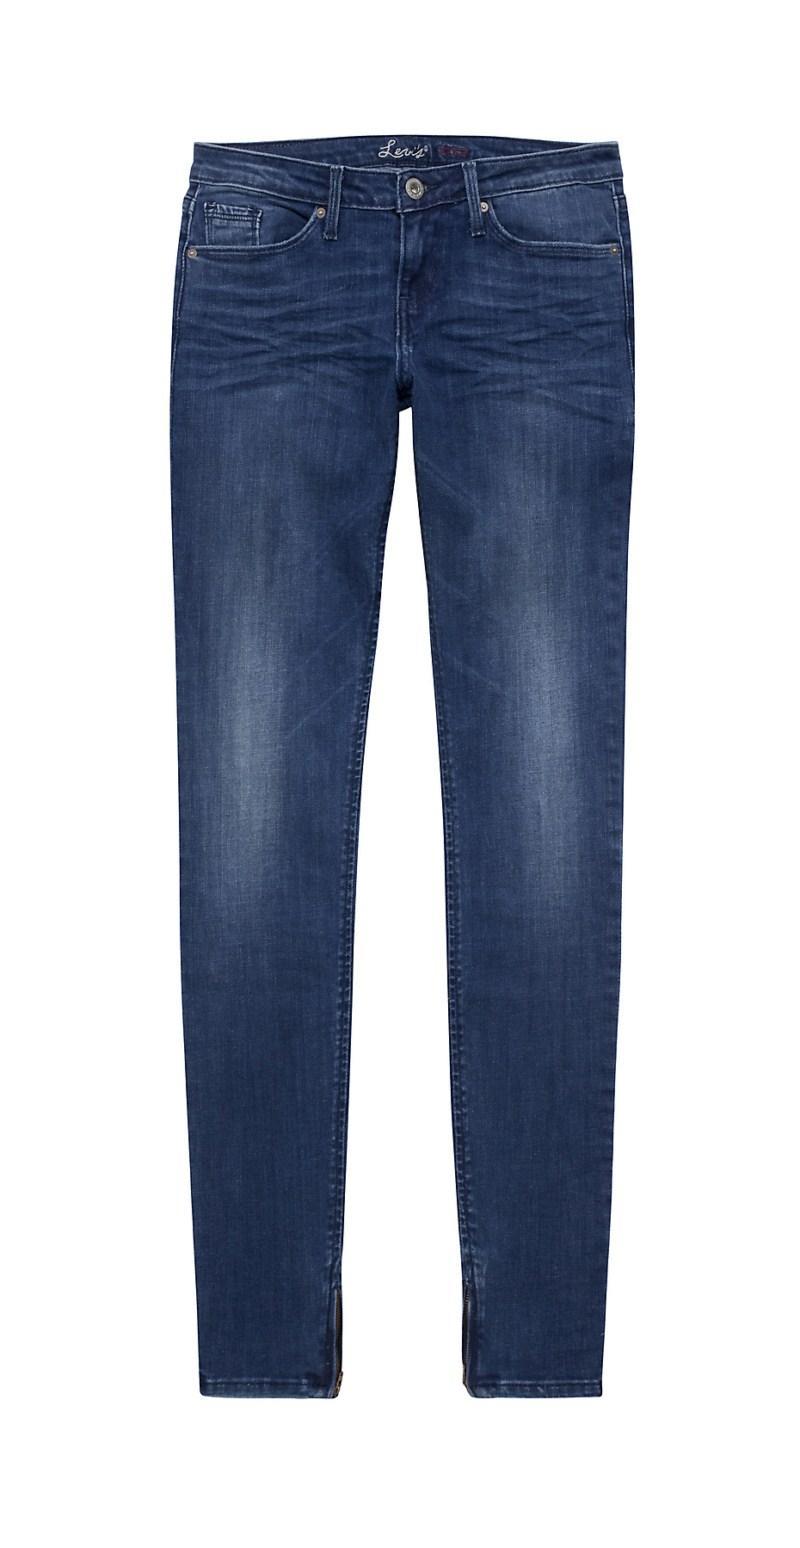 granatowe dżinsy Levis - wiosenna kolekcja